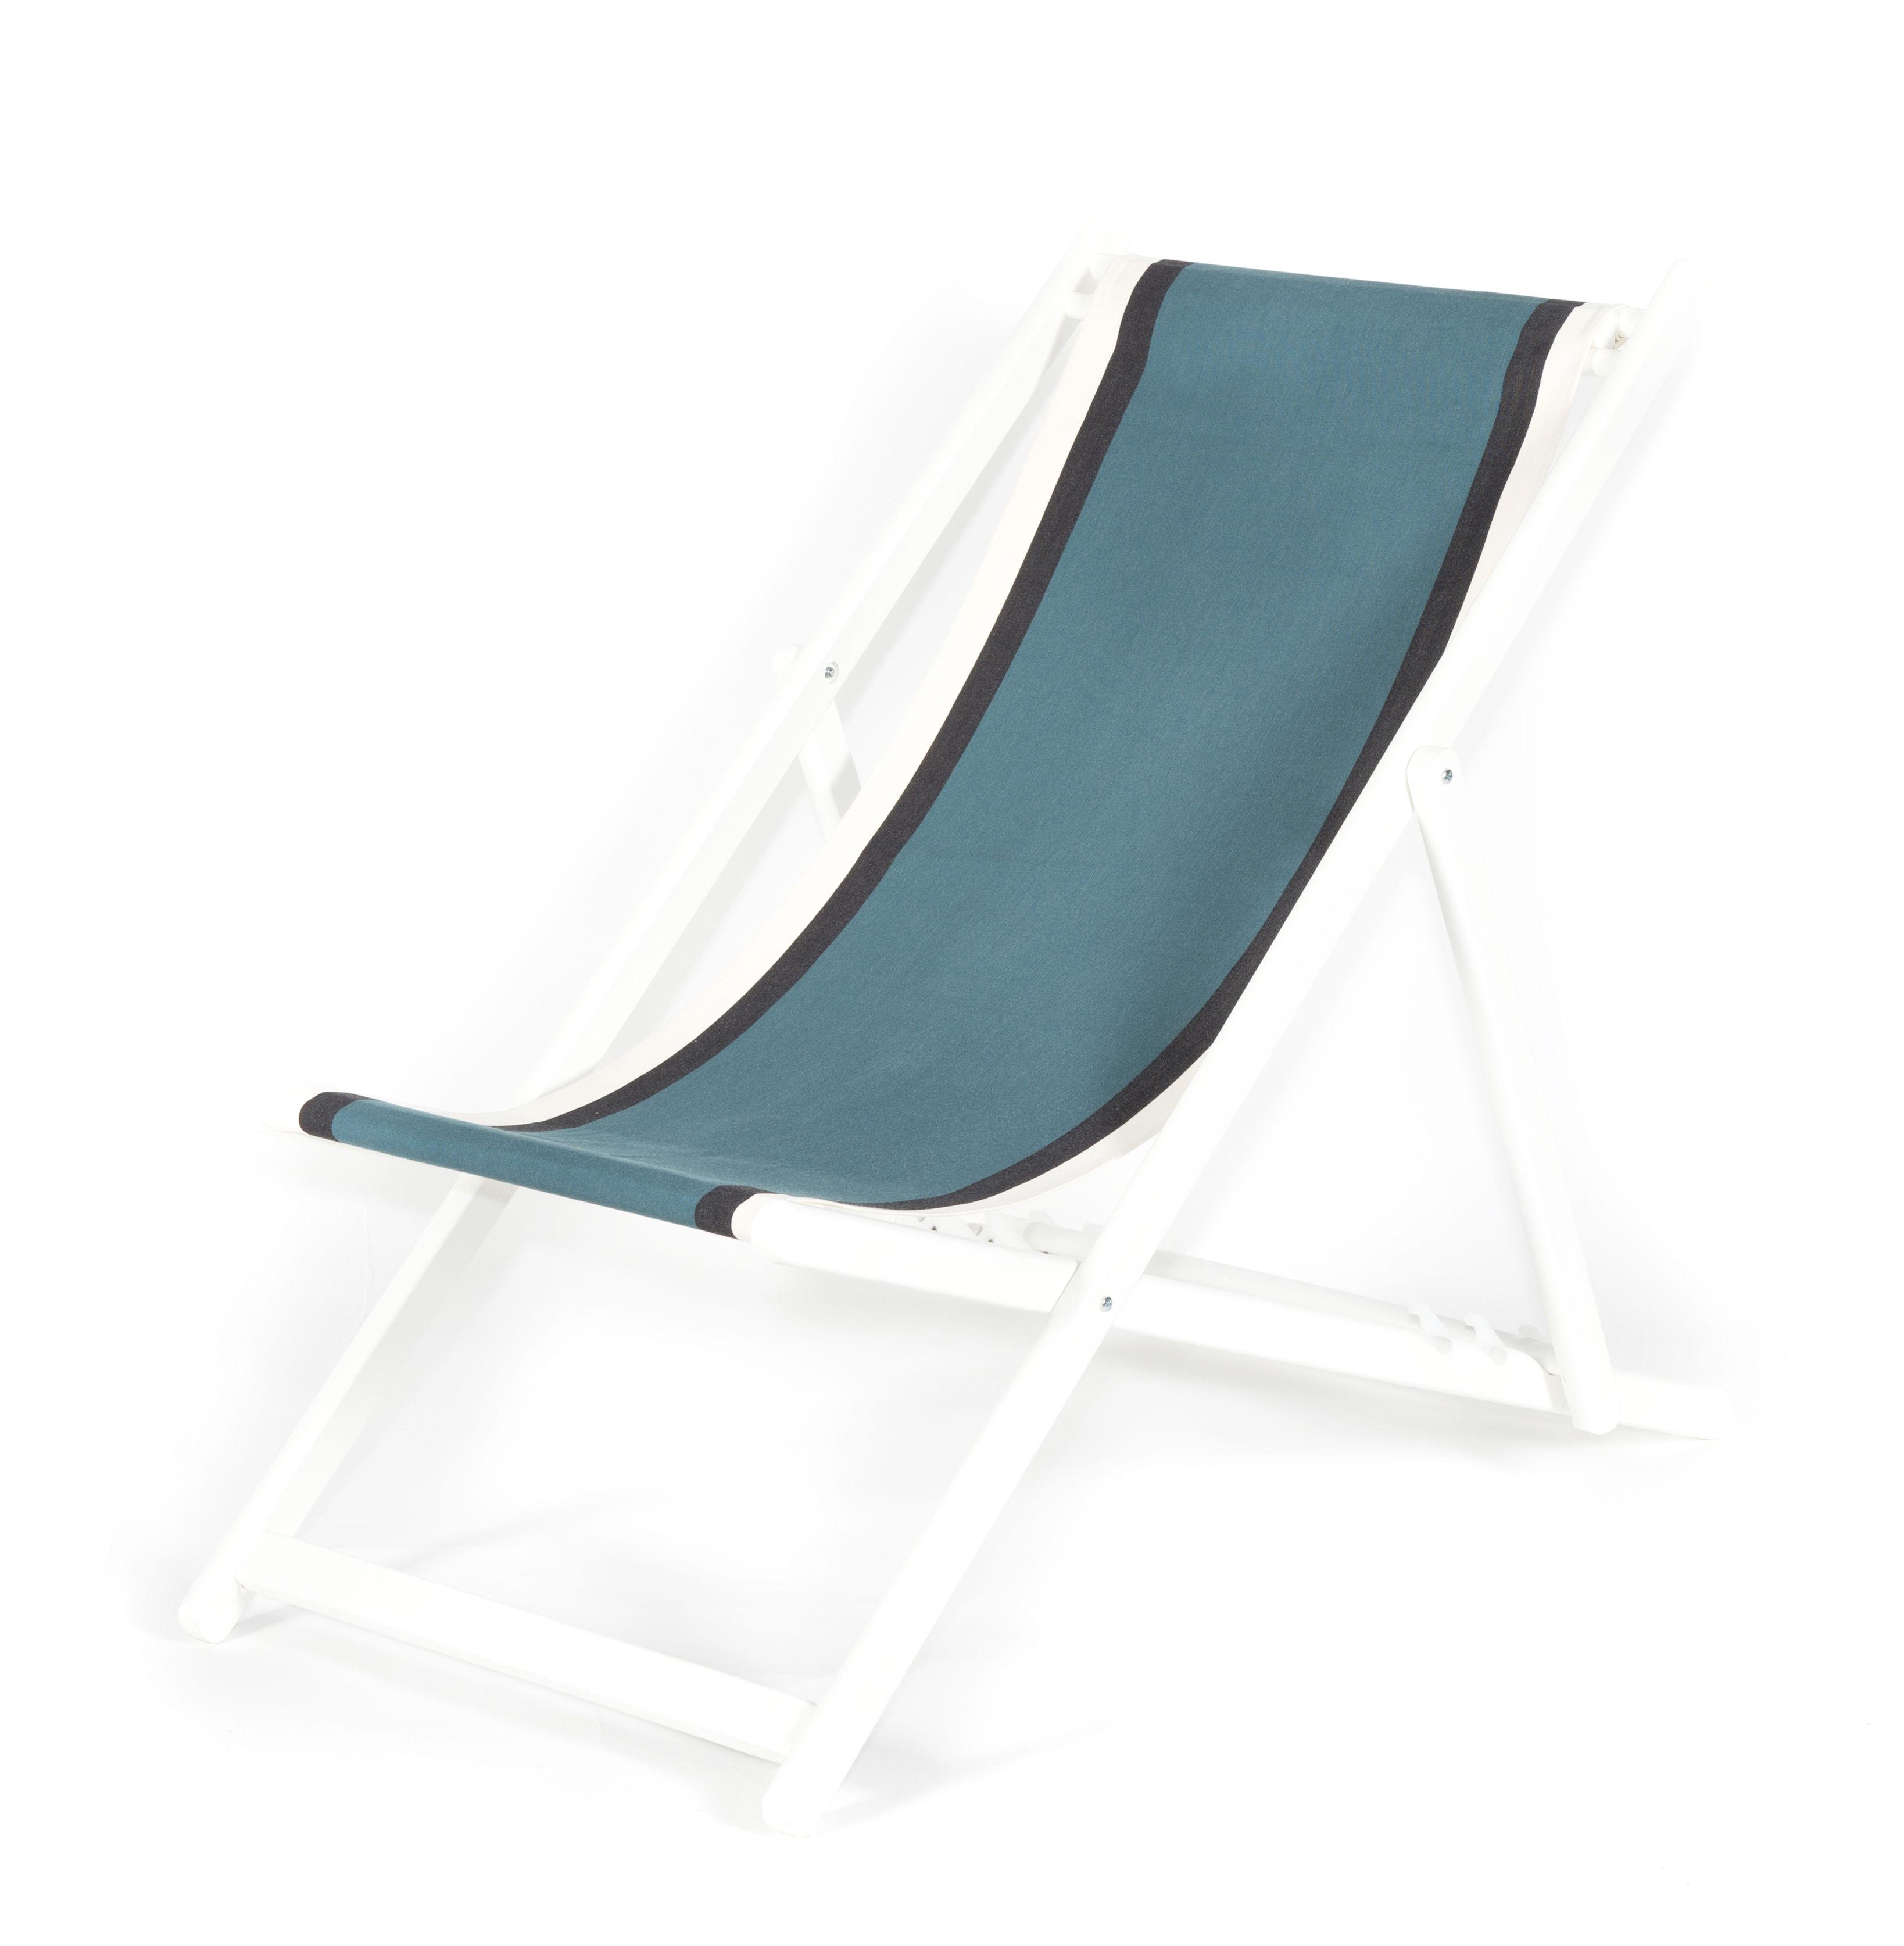 Outdoor - Liegen und Hängematten - Transat Liege / Zusammenklappbar & verstellbar - Maison Sarah Lavoine - Blau Sarah / Gestell weiß - Baumwolle, lackiertes Holz